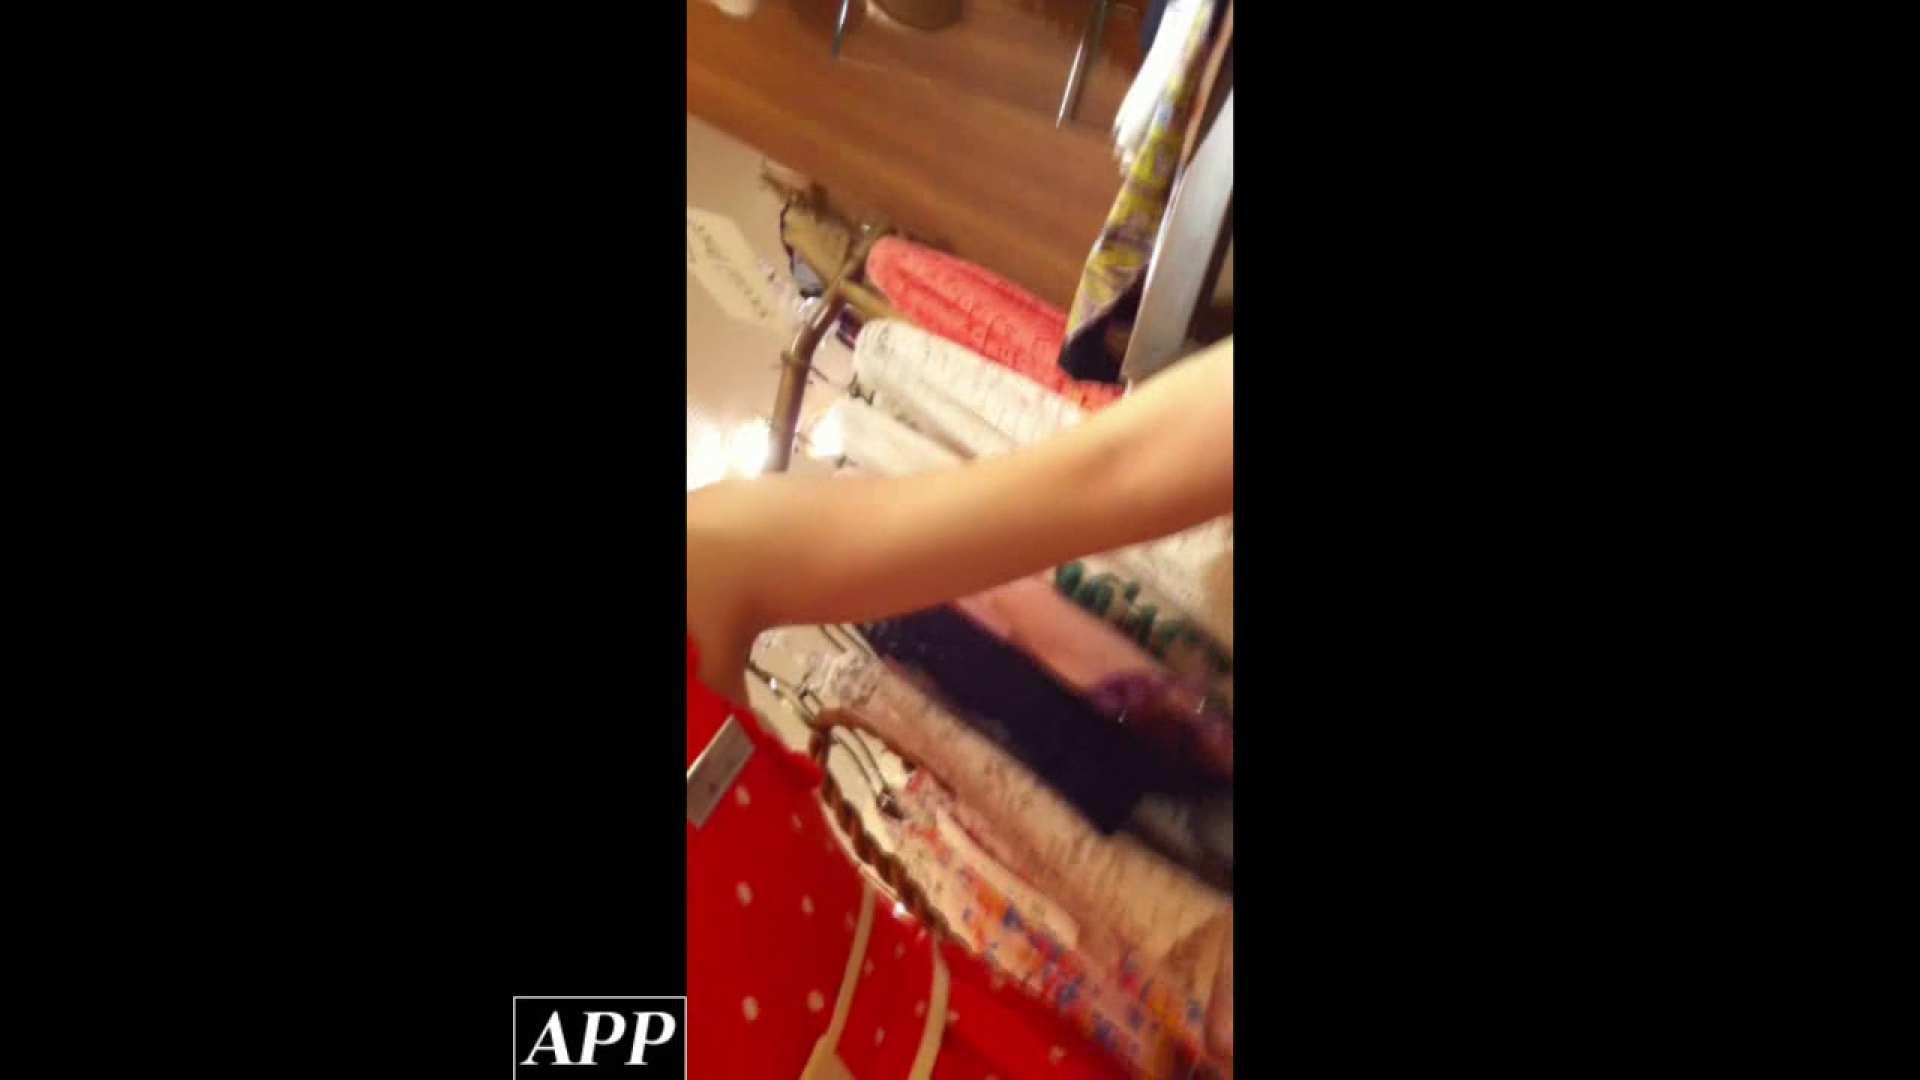 ハイビジョン盗撮!ショップ店員千人斬り!胸チラ編 vol.86 盗撮師作品 われめAV動画紹介 104pic 14